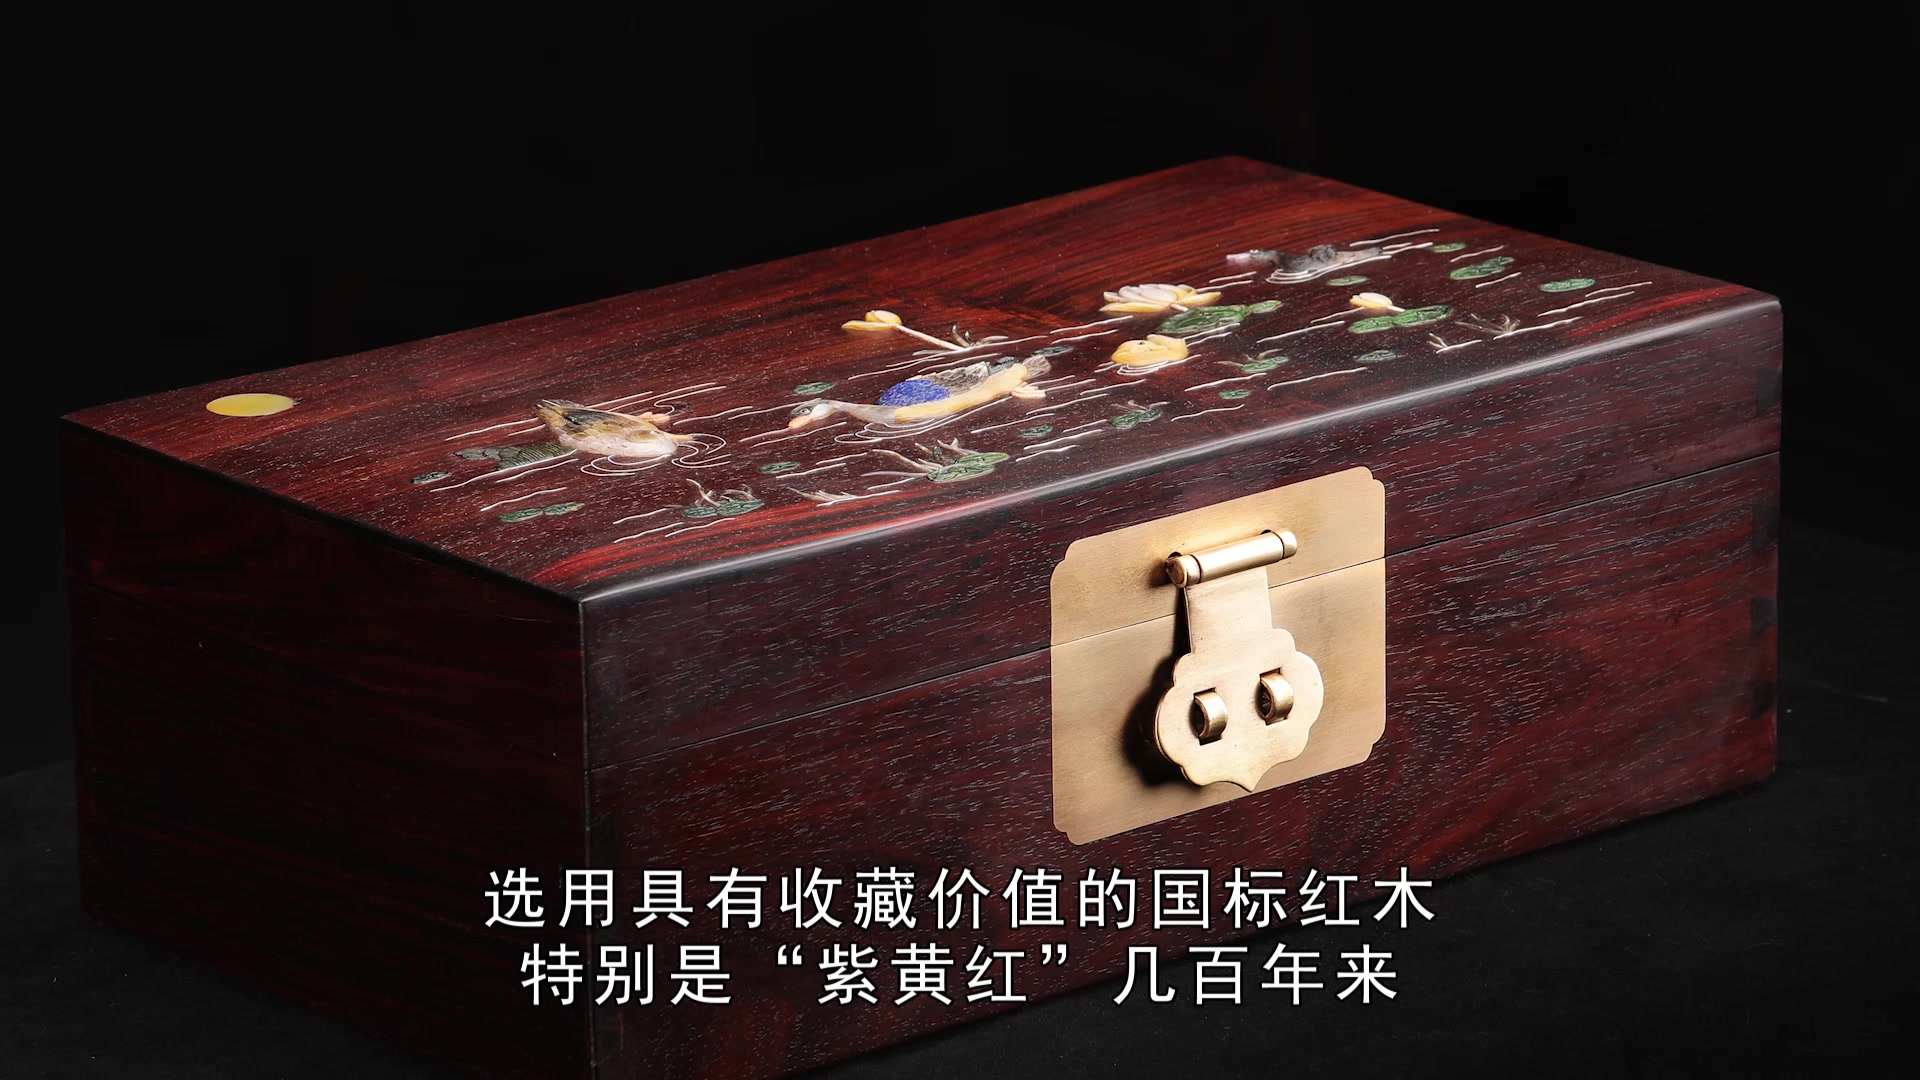 鉴赏红木家具_哔哩哔哩(-)つロ大不同形象墙设计图图片